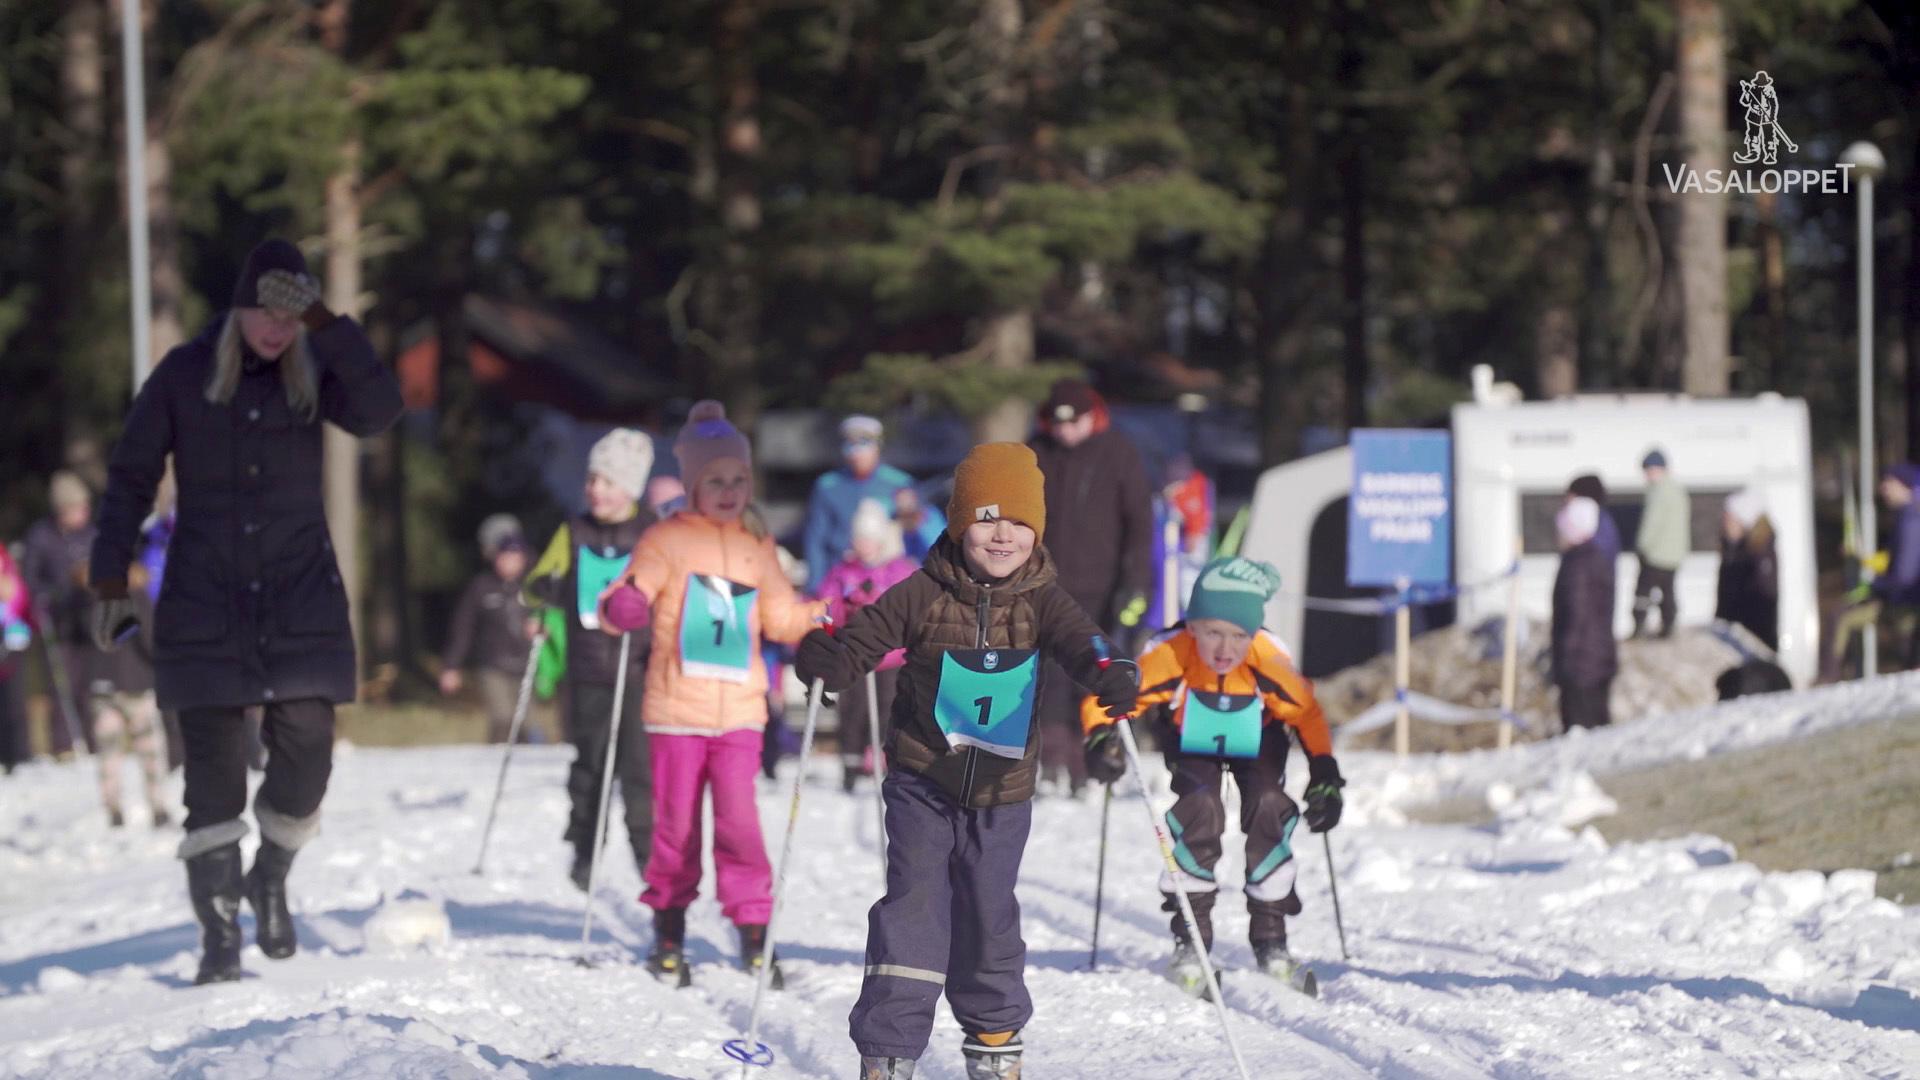 Barnens Vasalopp skidor